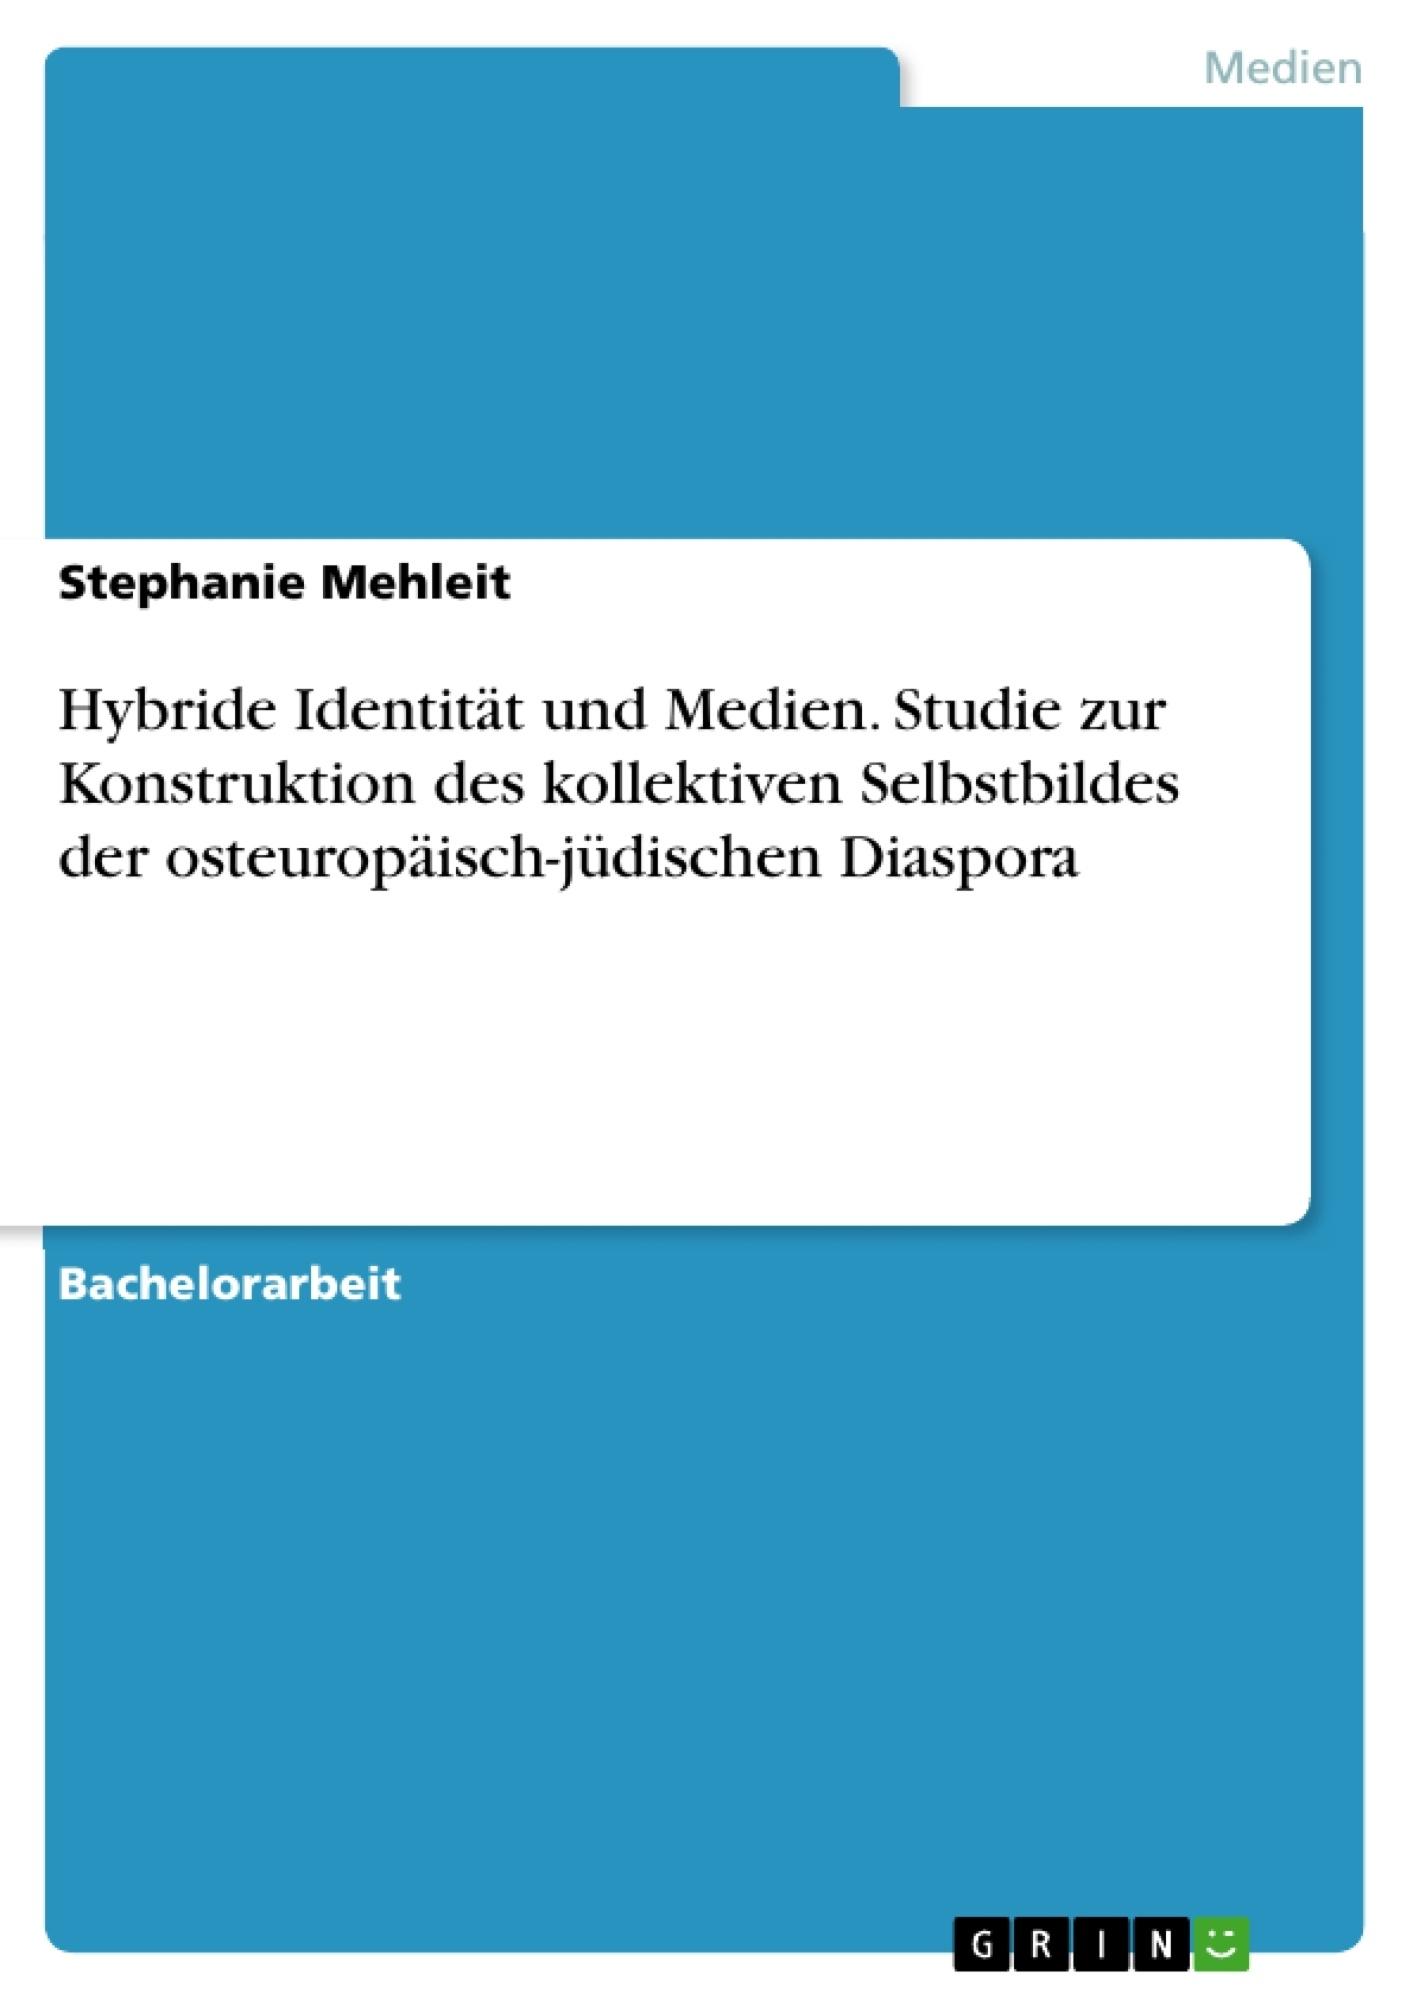 Titel: Hybride Identität und Medien. Studie zur Konstruktion des kollektiven Selbstbildes der osteuropäisch-jüdischen Diaspora